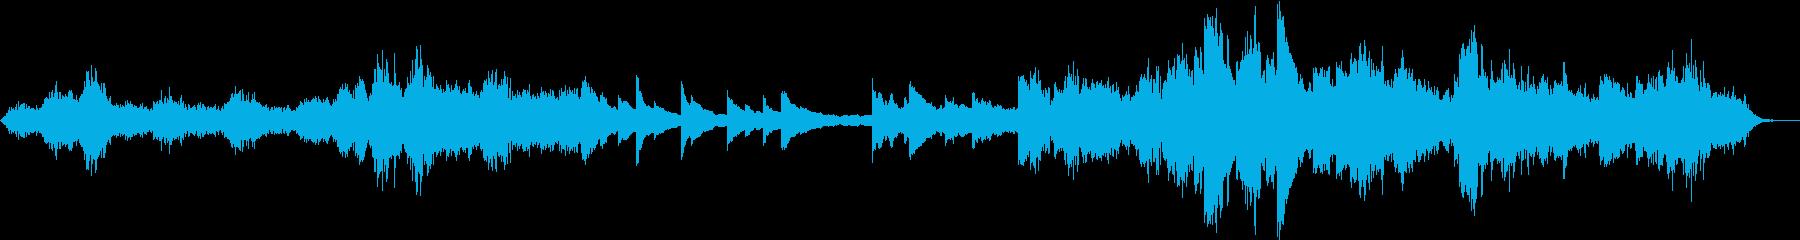 厳粛で幻想的な賛美歌風の曲の再生済みの波形